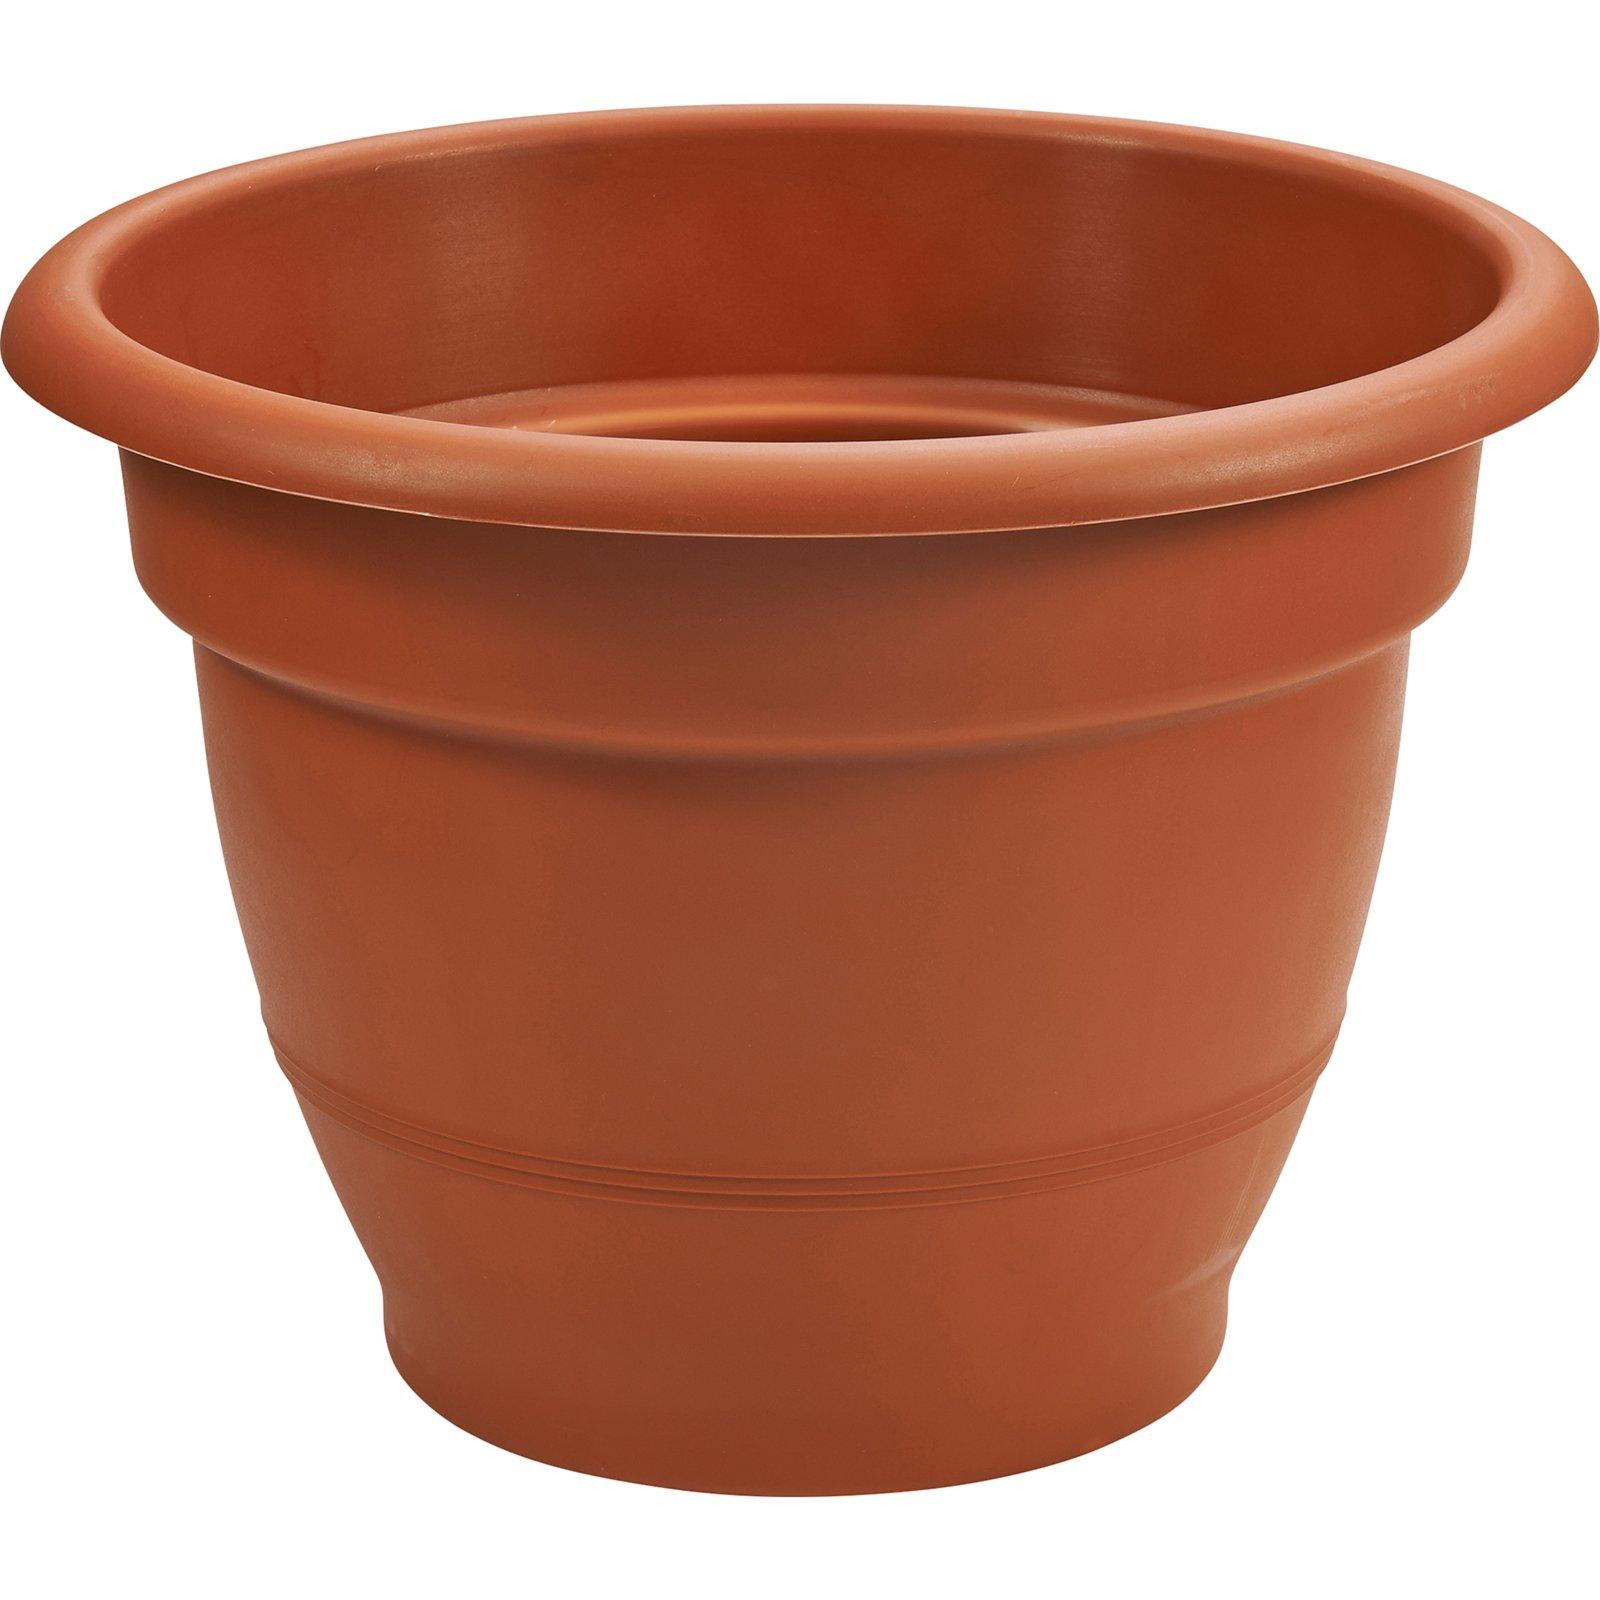 Blumentopf SYDNEY - terracotta - Durchmesser 23 cm